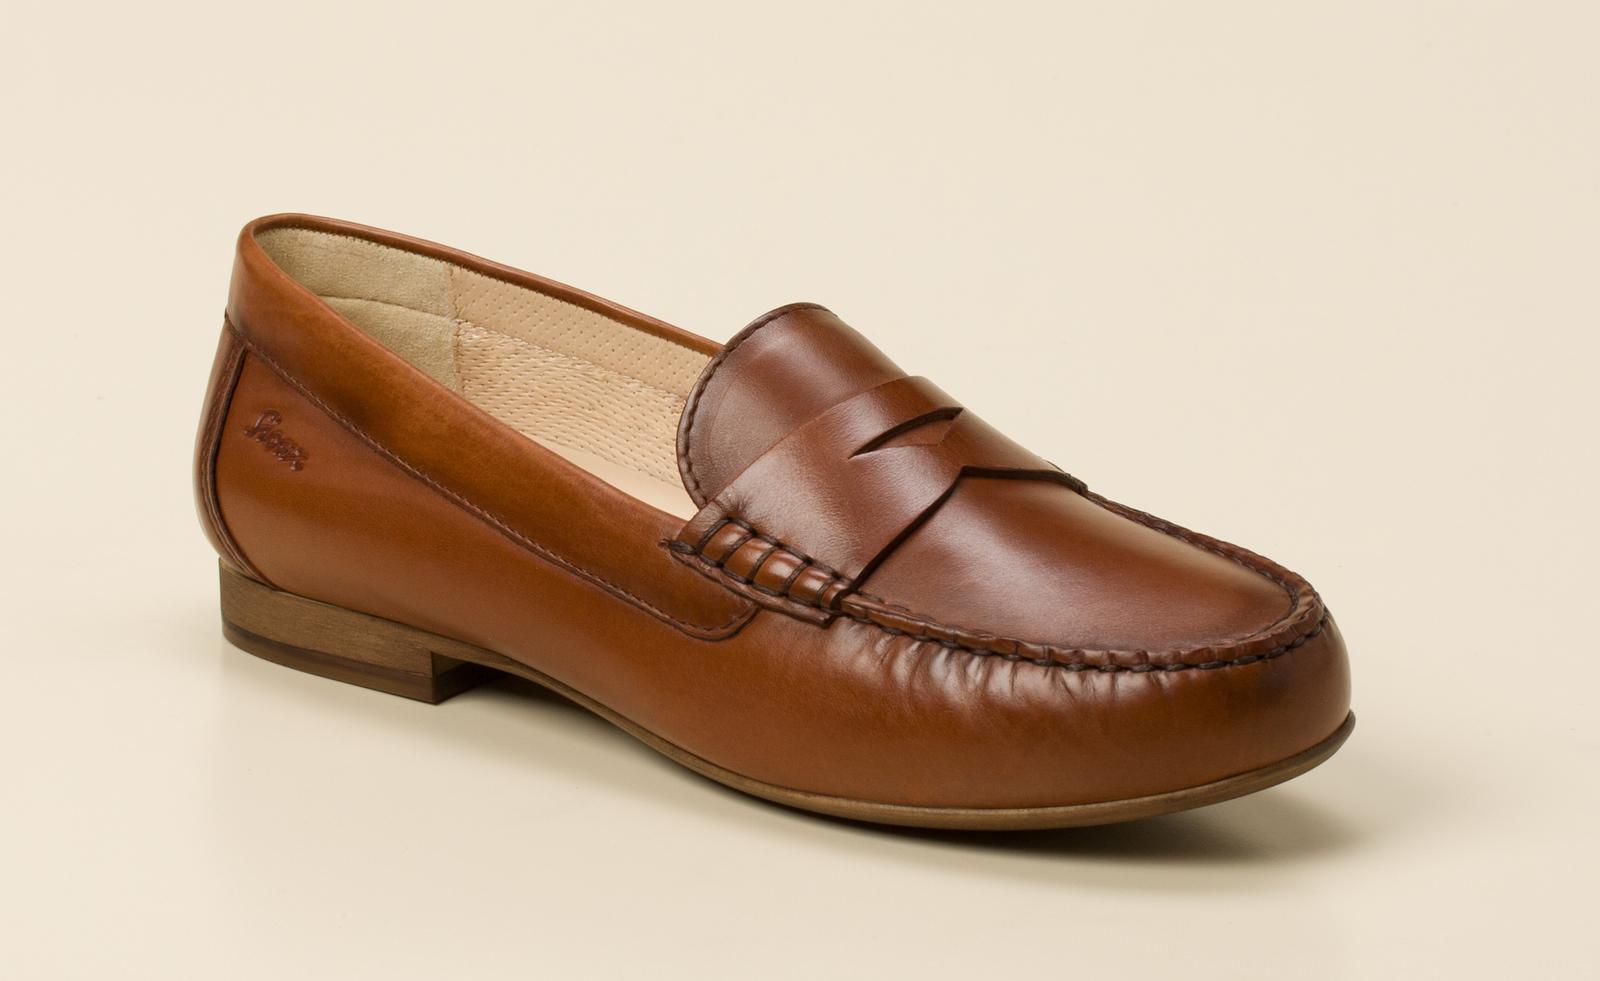 Sioux Damen Slipper in cognac kaufen   Zumnorde Online-Shop 940ef58f0c